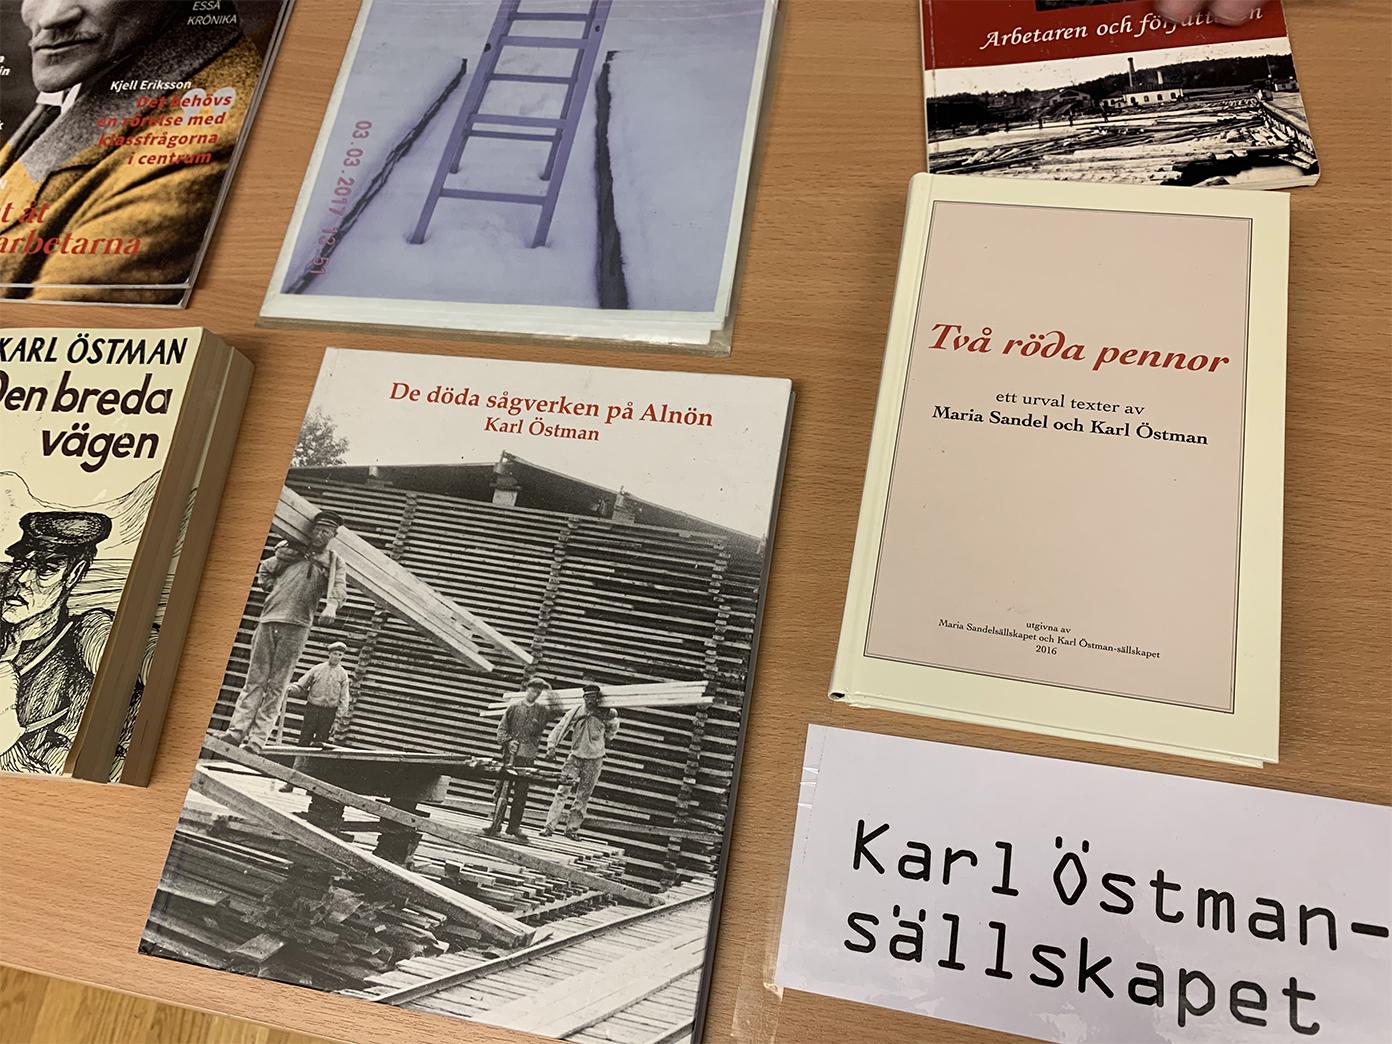 Karl-Ostman-books